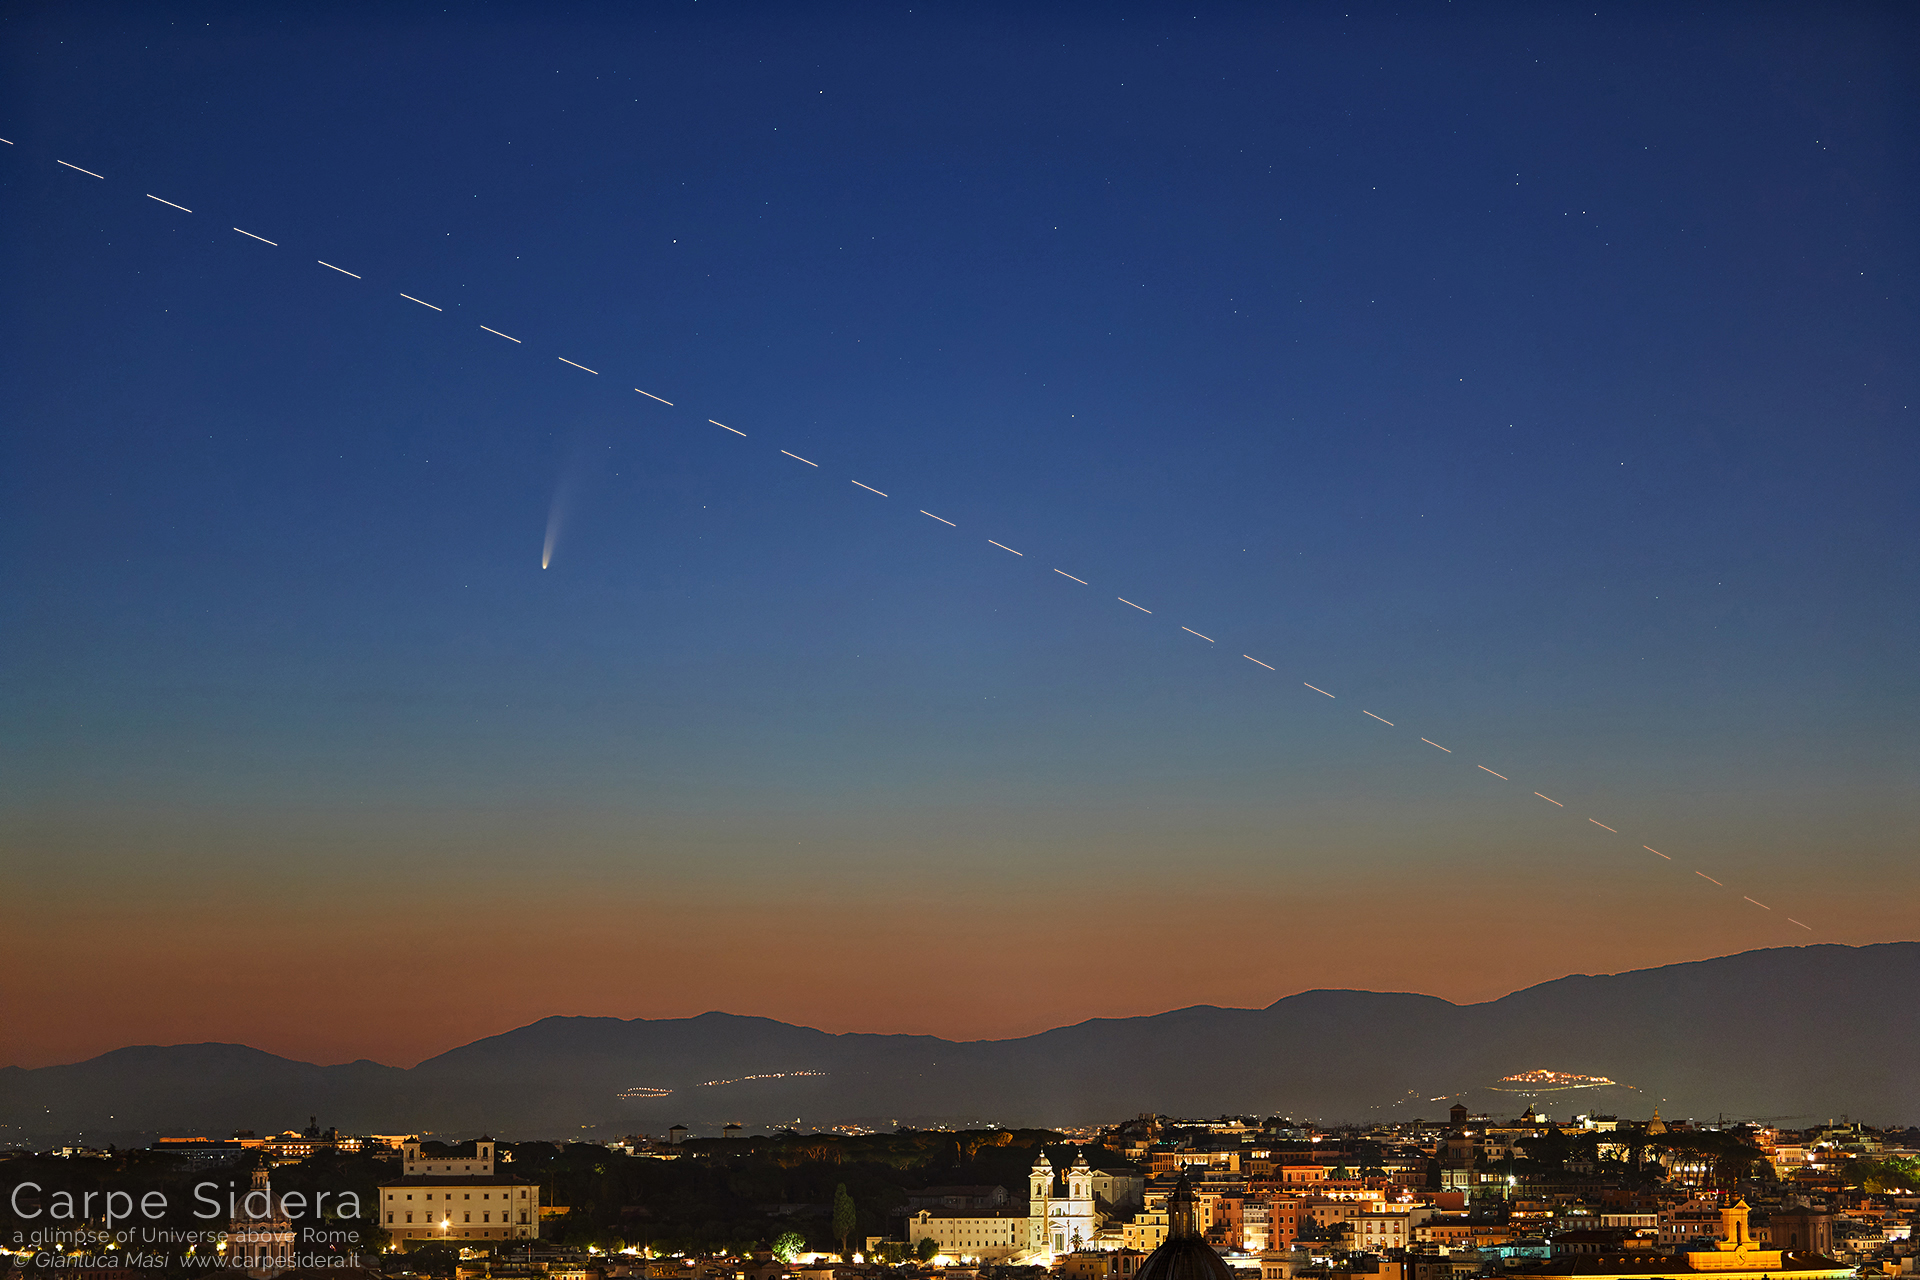 La cometa C/2020 F3 NEOWISE e la Stazione Spaziale Internazionale (ISS) brillano su Roma.